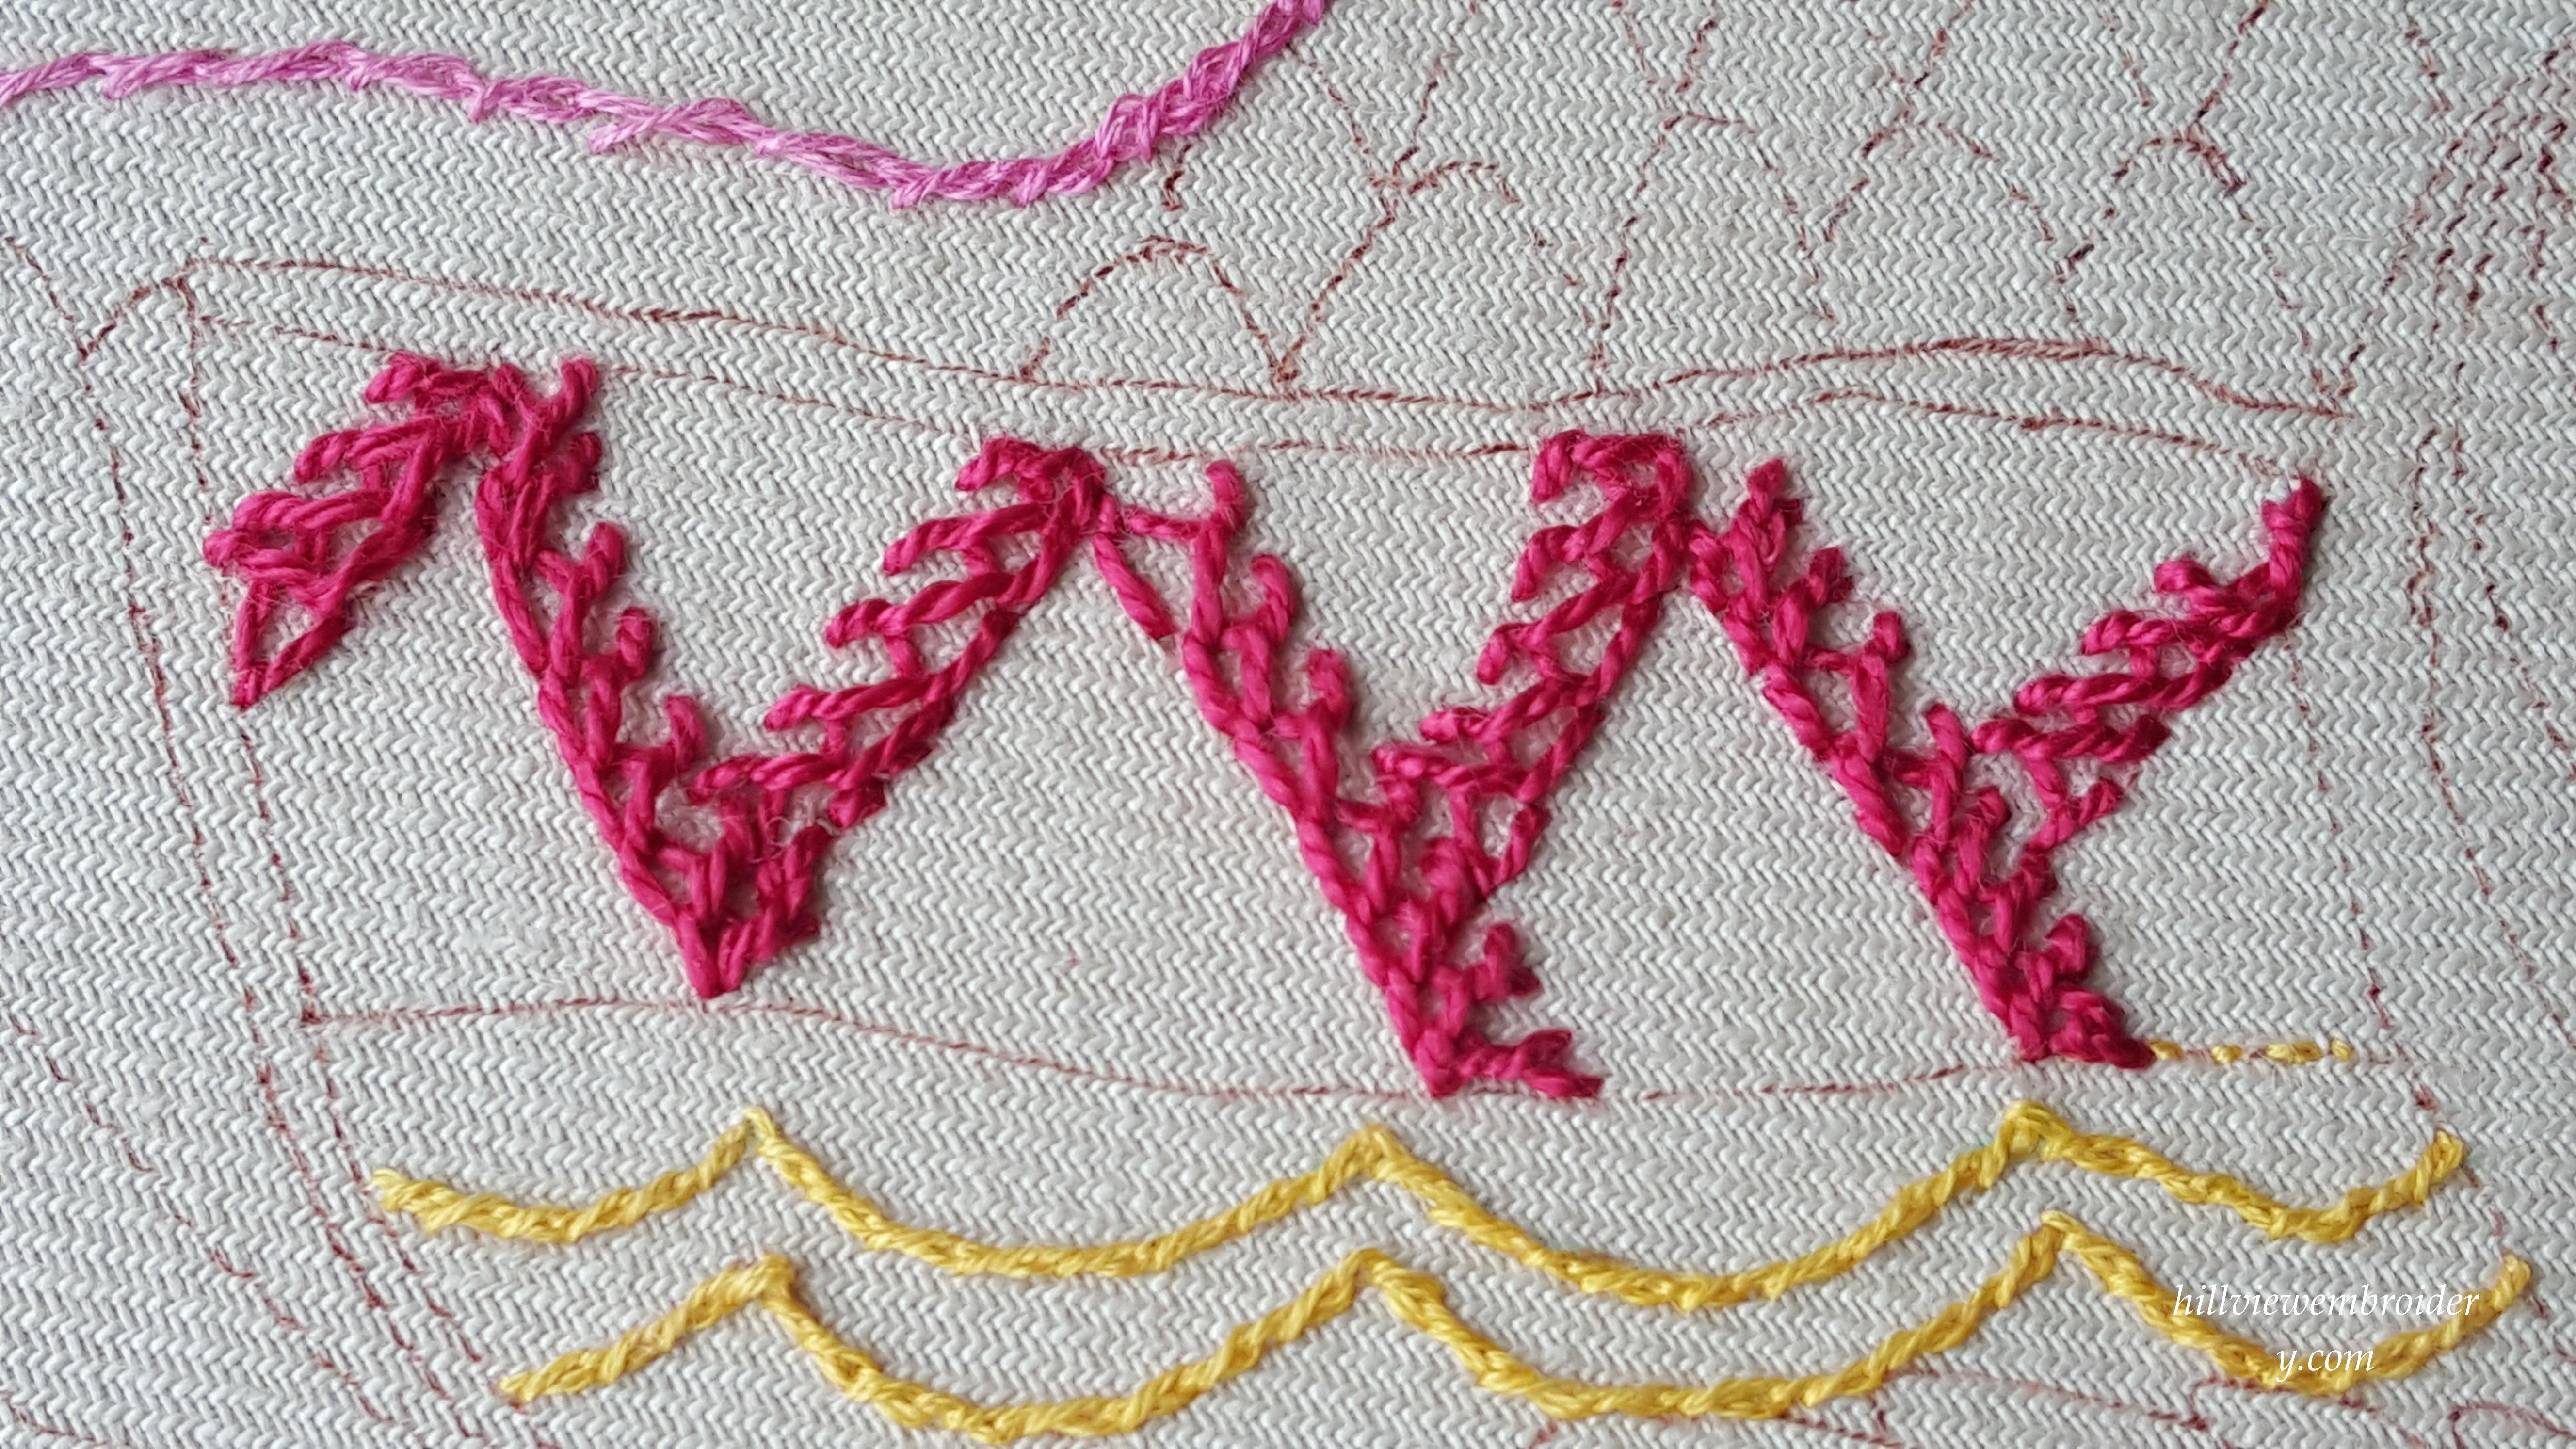 stitch 27 bonnet stitch 3